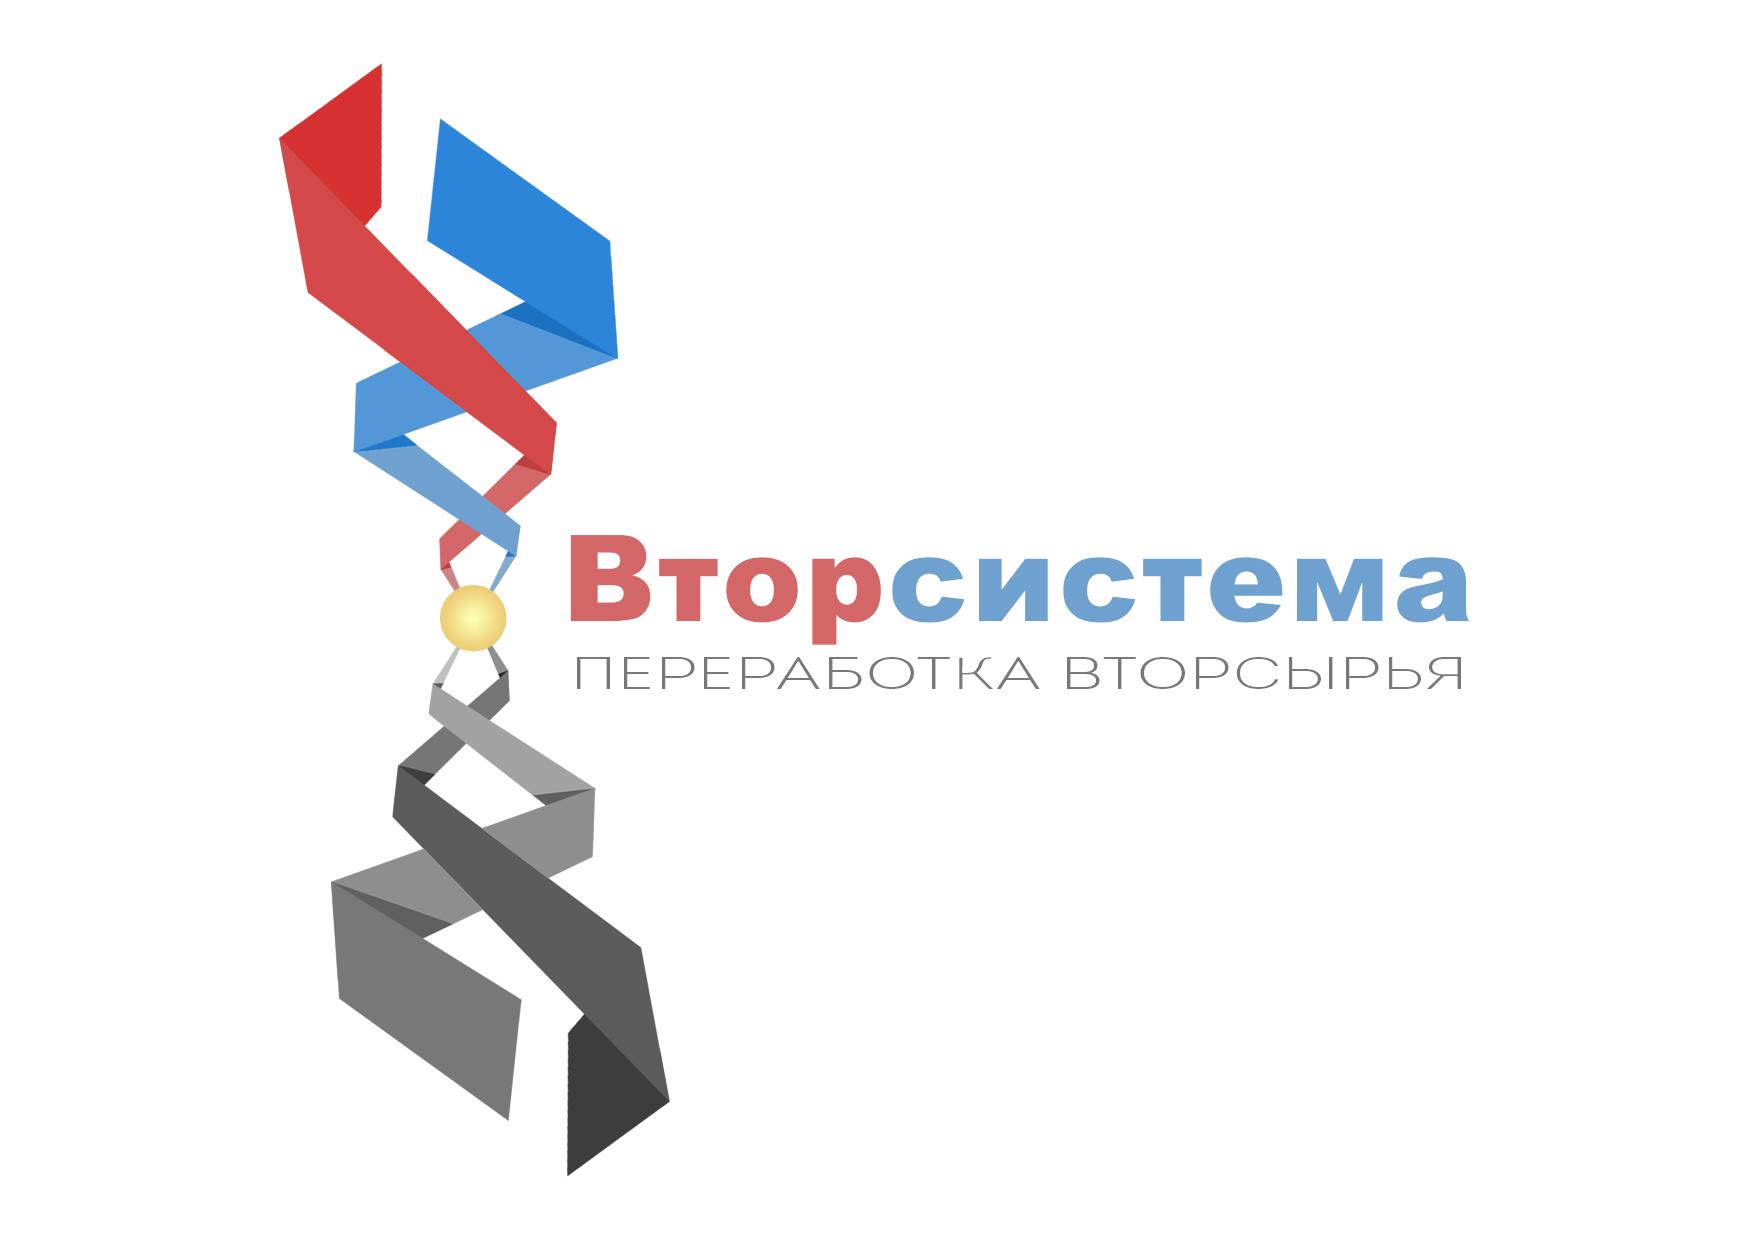 Нужно разработать логотип и дизайн визитки фото f_625554dcdc44d2dd.jpg